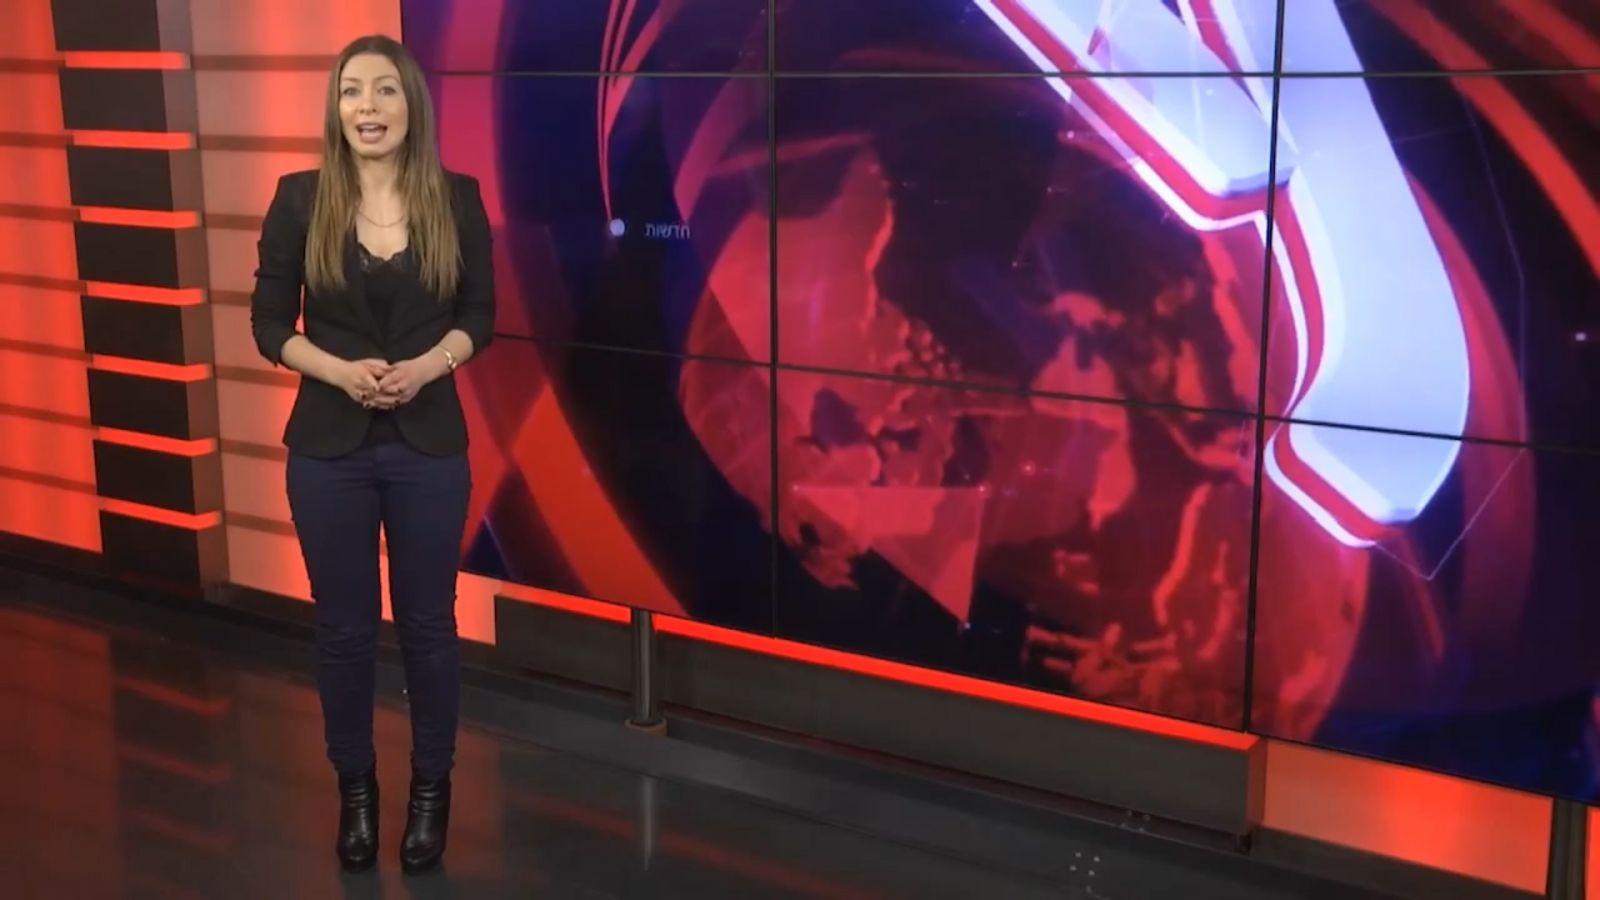 מגישת ynet אלכסנדרה לוקש מנחה סרטון תדמית למשרד המדע. אנשי משרד המדע העלו את הסרטון לערוץ הרשמי של המשרד באתר יוטיוב (צילום מסך)